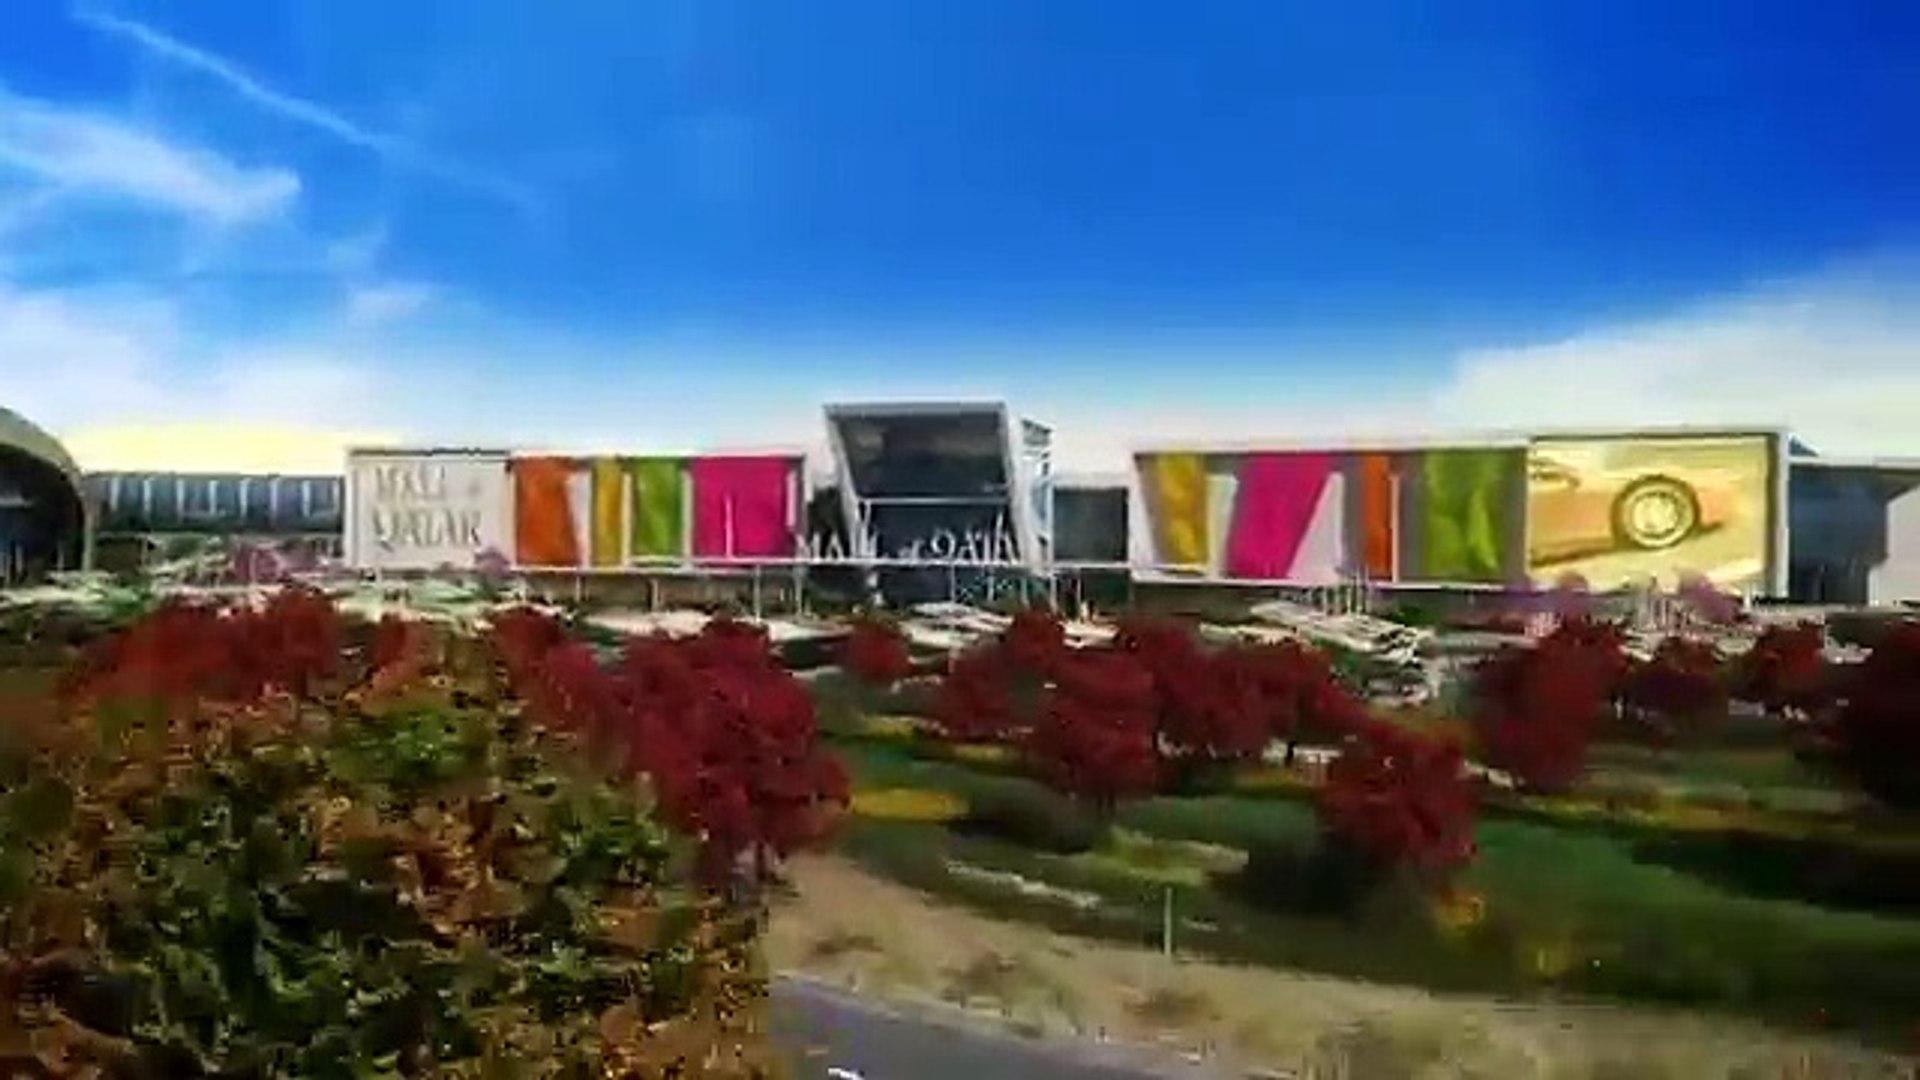 Mall of Qatar - Mega Mall - Qatar